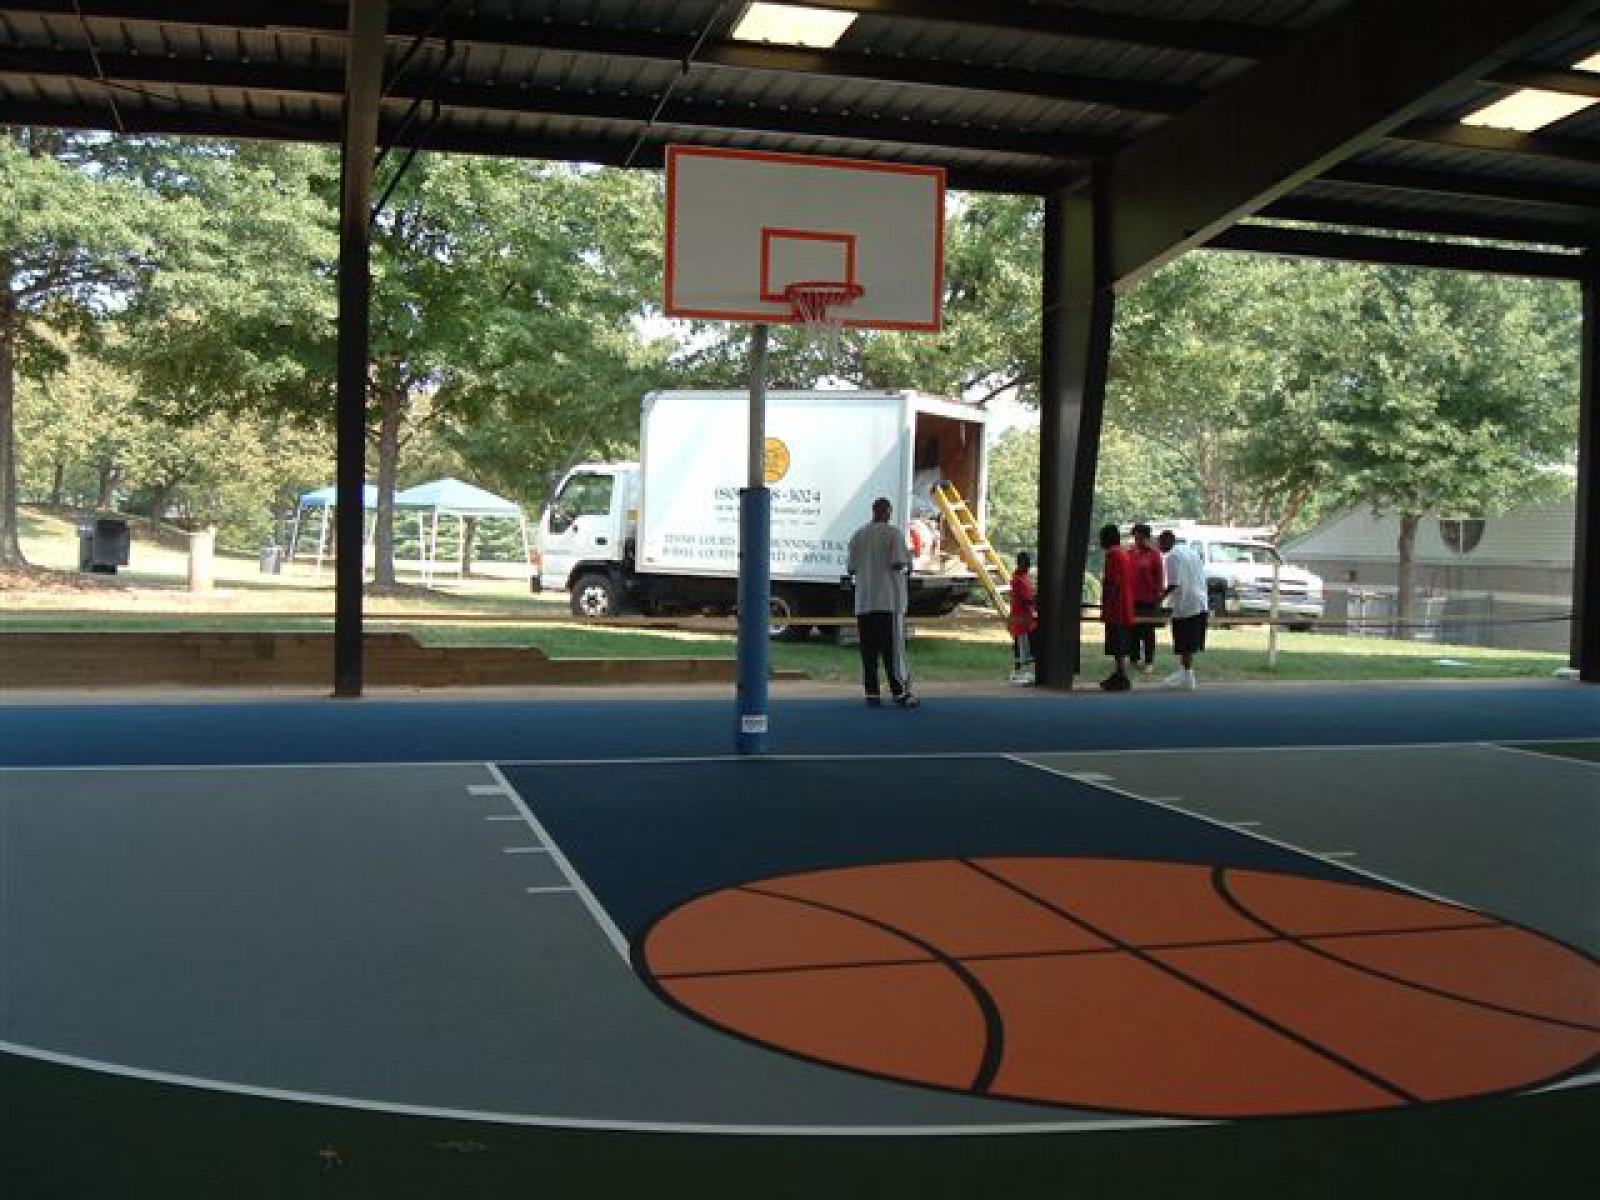 Winston Salem Nc Basketball Court Rupert Bell Rec Center Courts Of The World